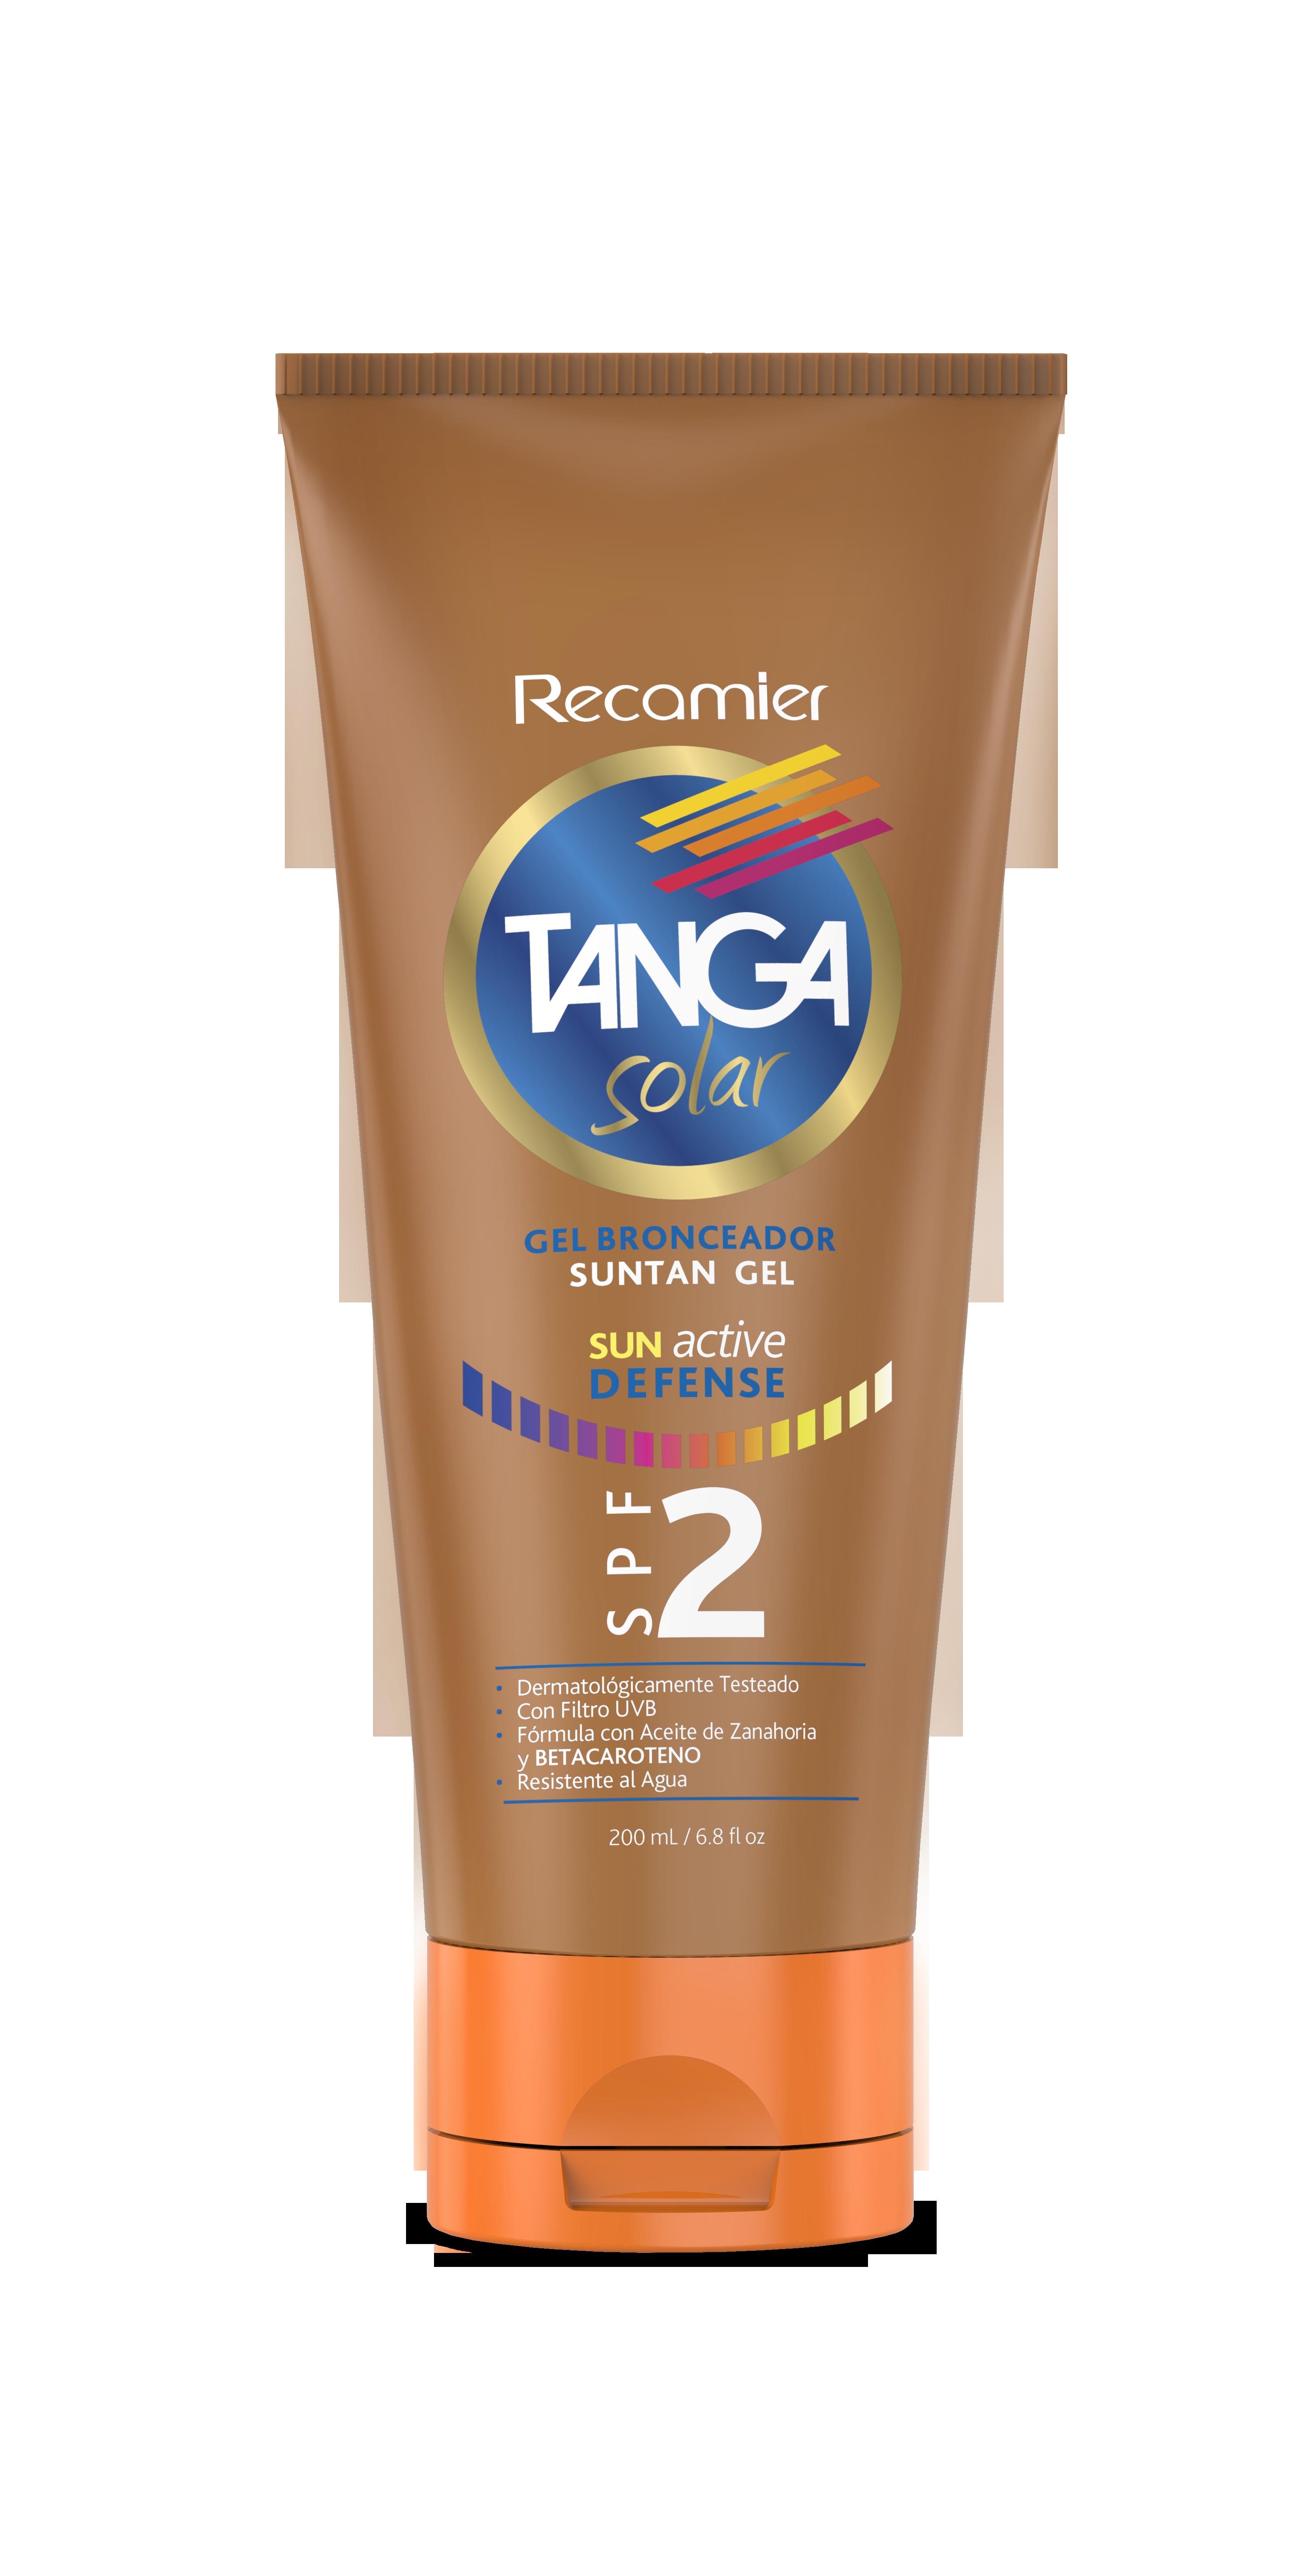 Bronceador gel Tanga spf 2 200ml